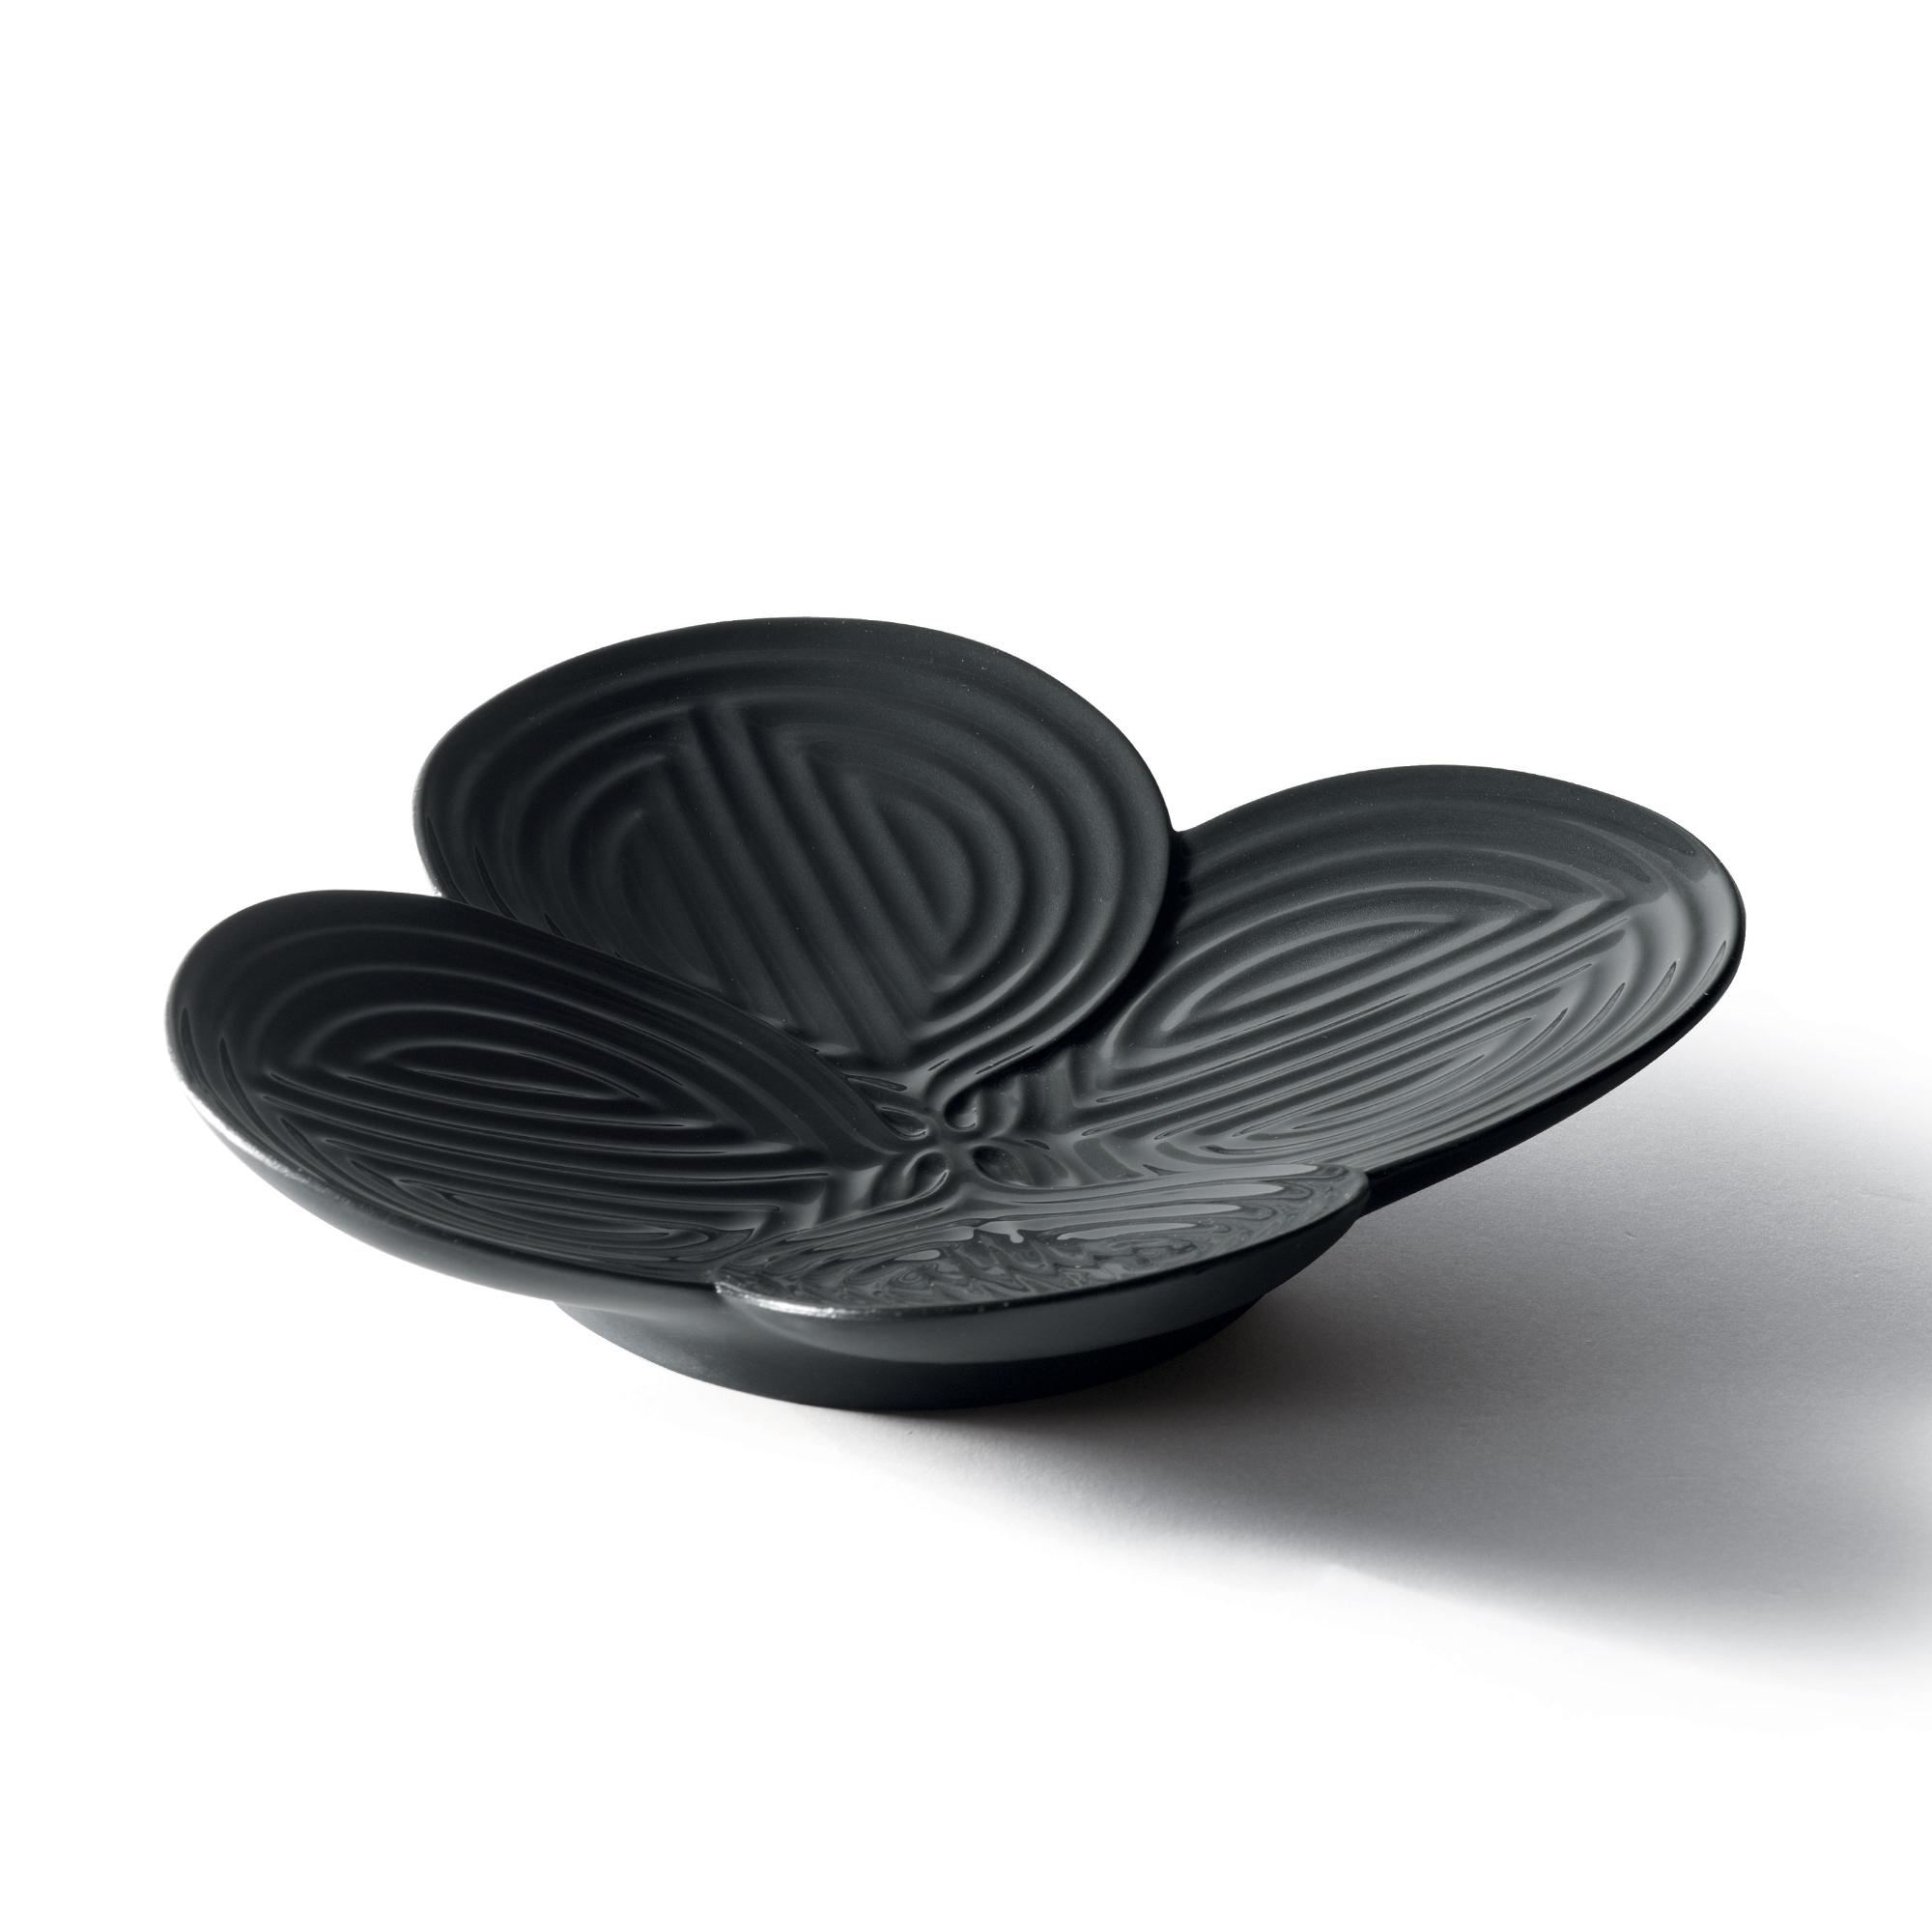 Naturofantastic Appetizer Plate (Black) 1007967 - Lladro Naturofantastic